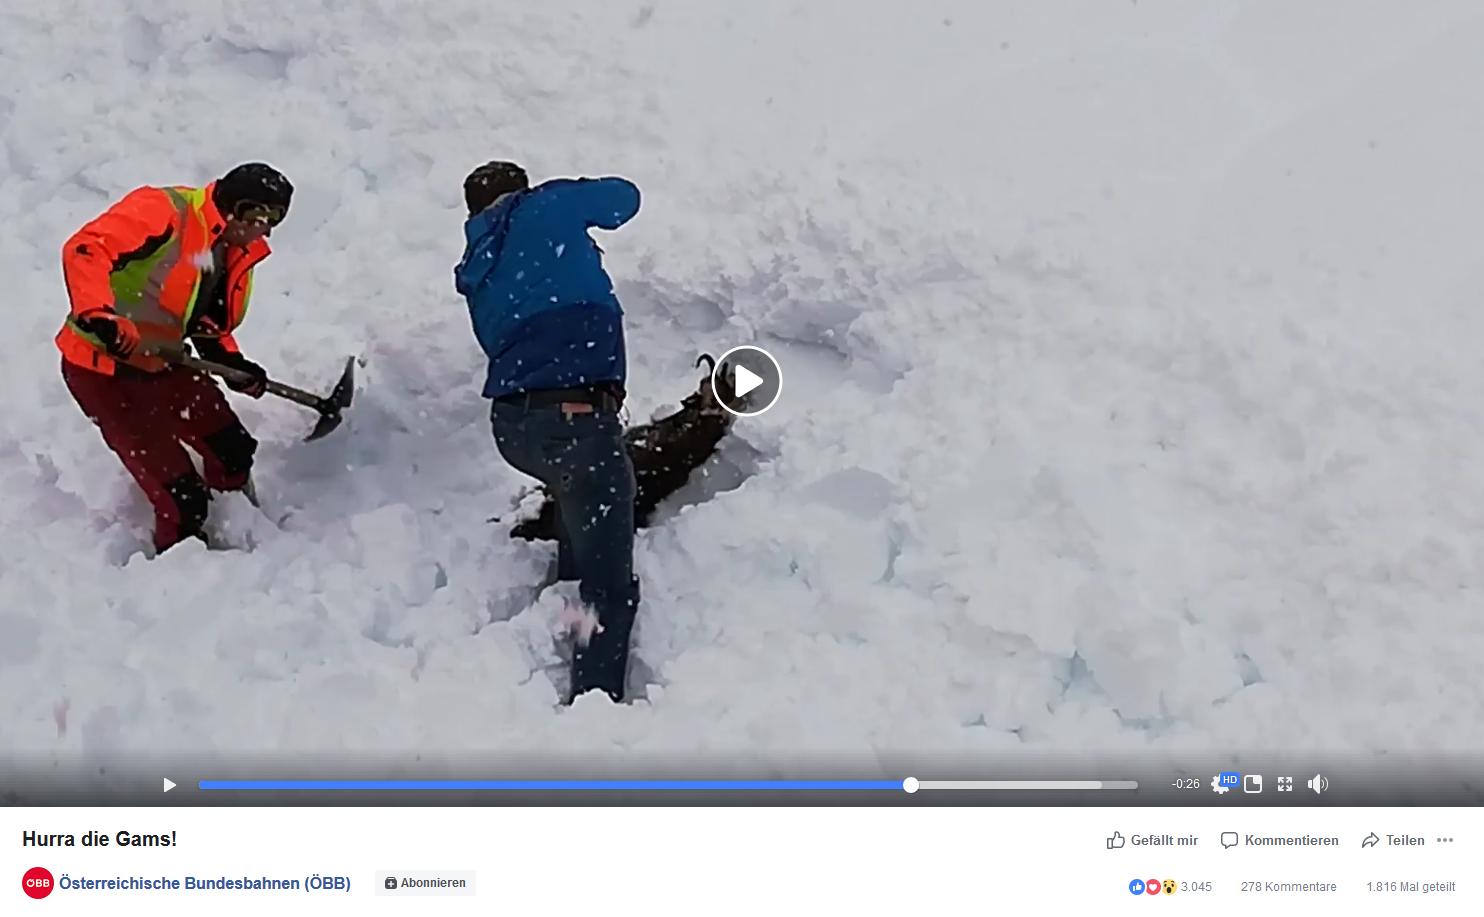 Bild zu ÖBB, Gams, Schnee, Rettung